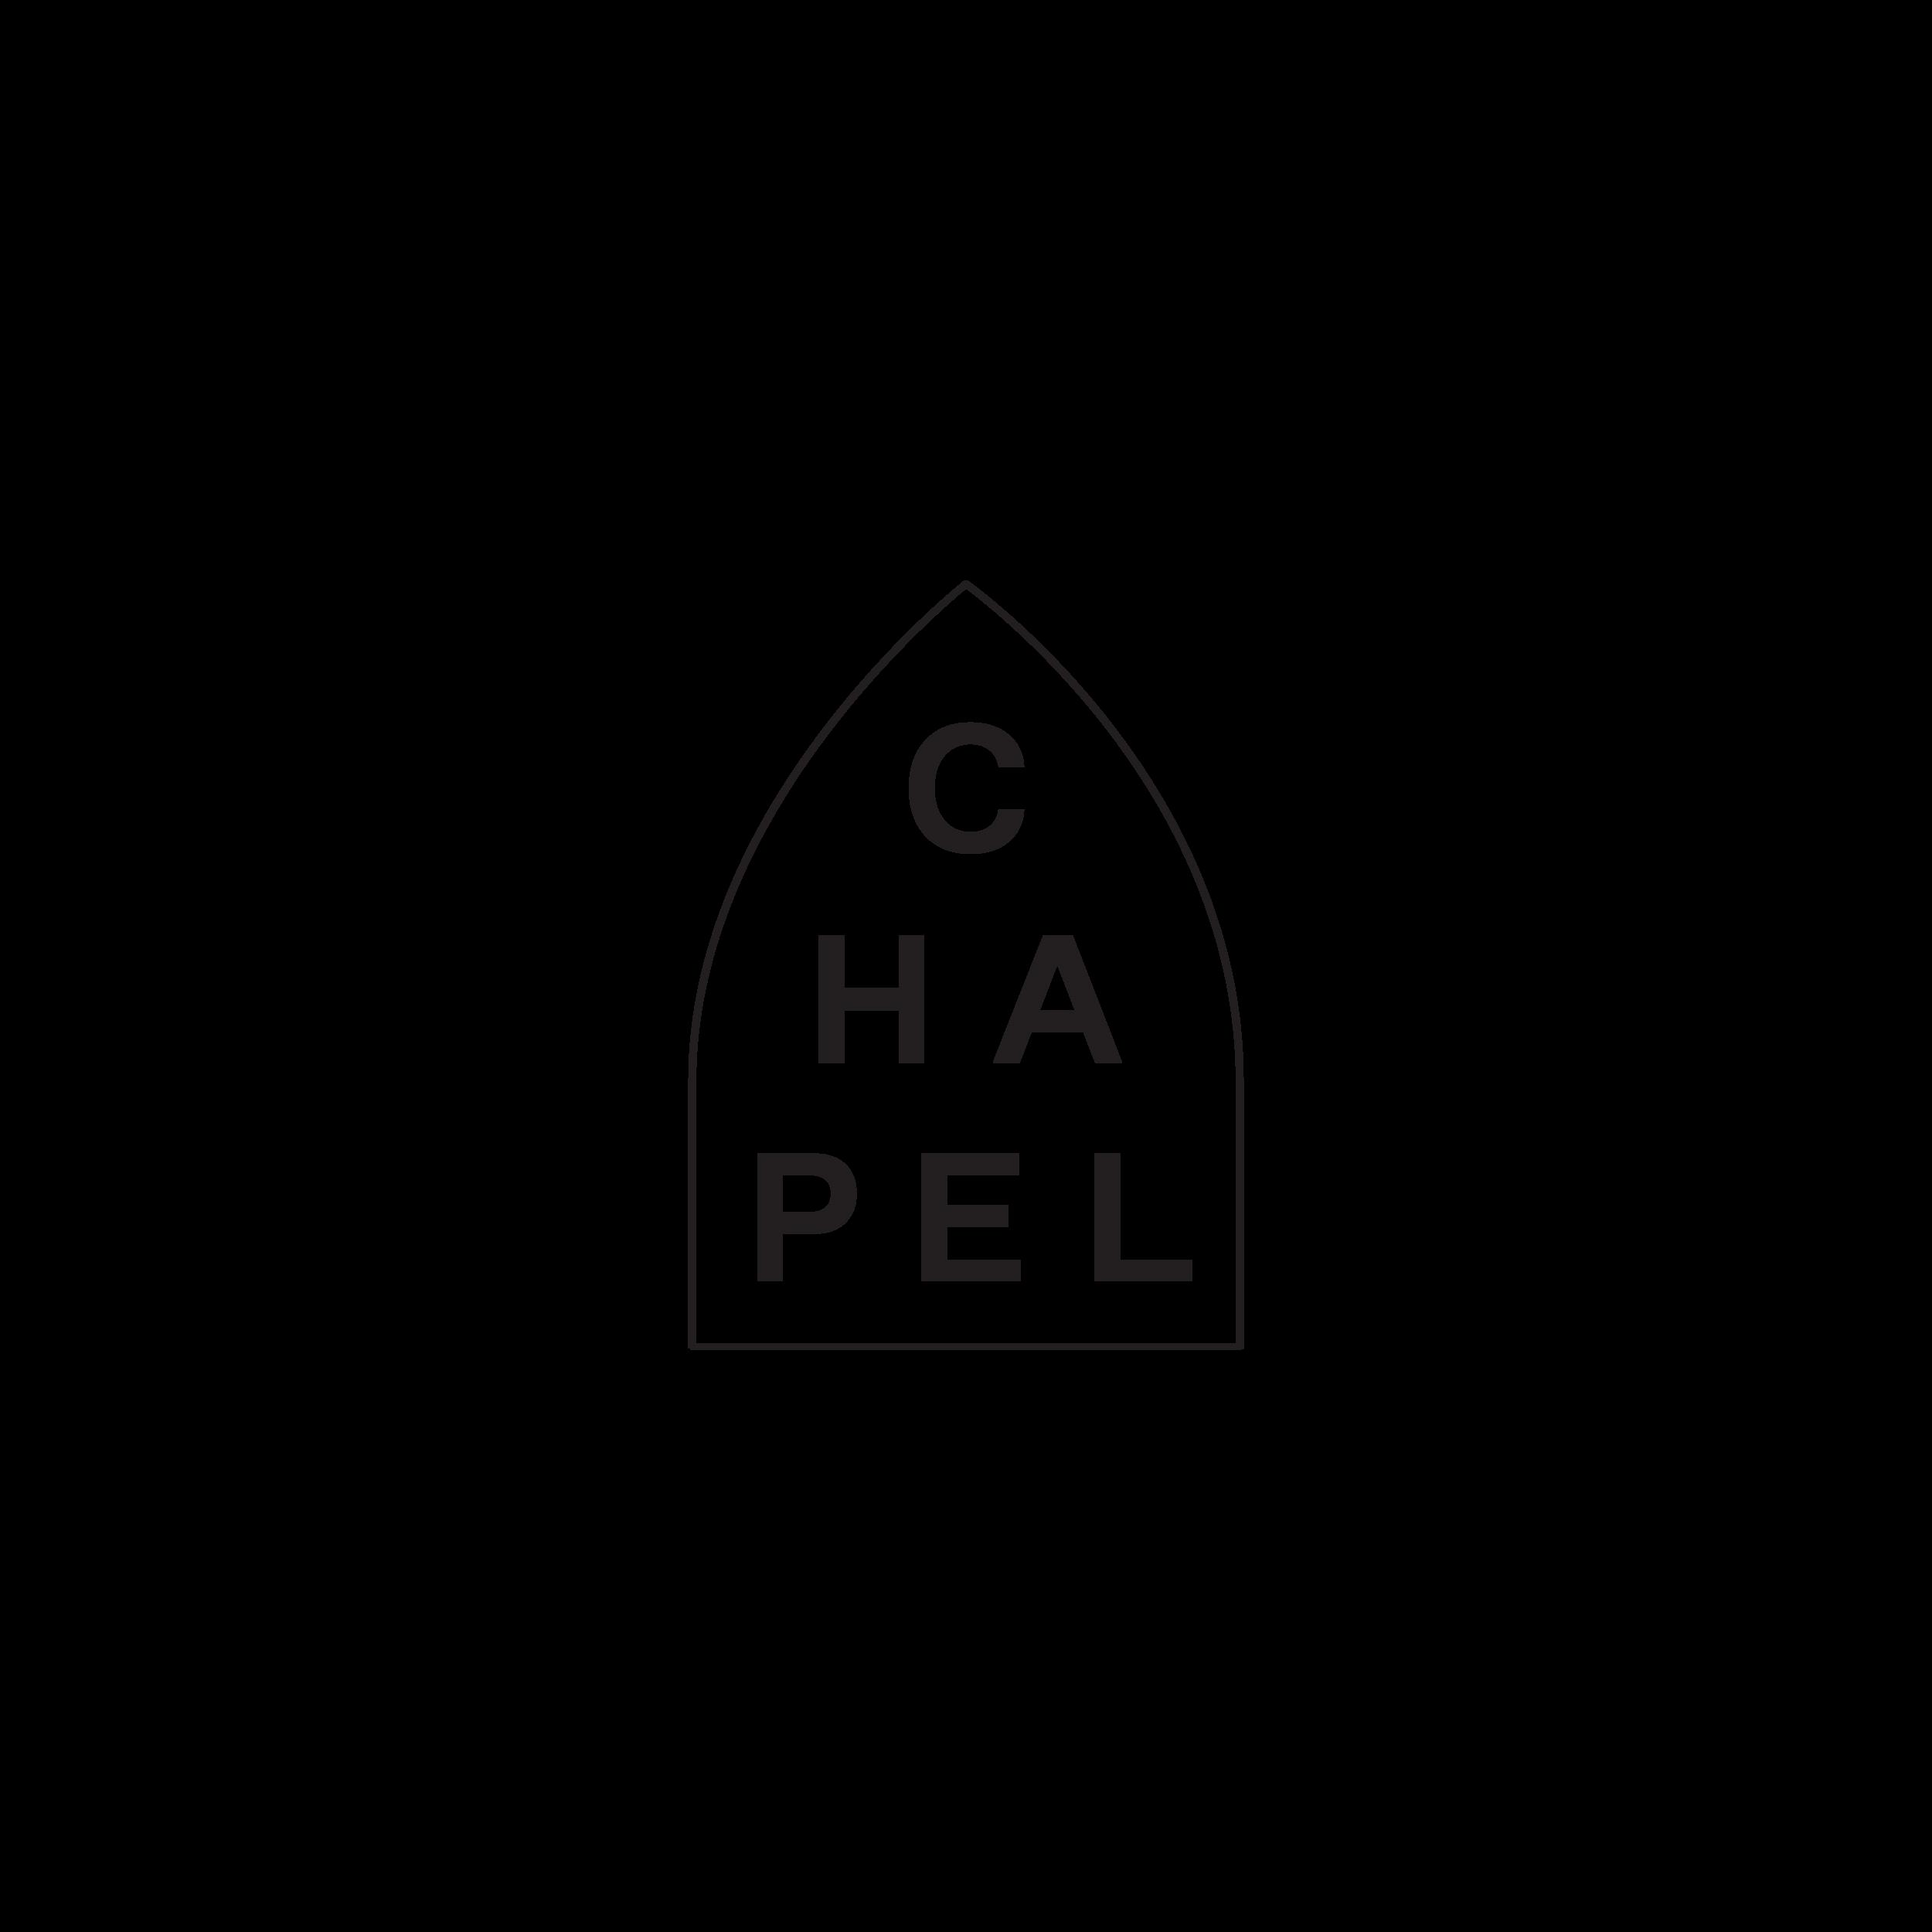 Chapel-Final-2019-02.png